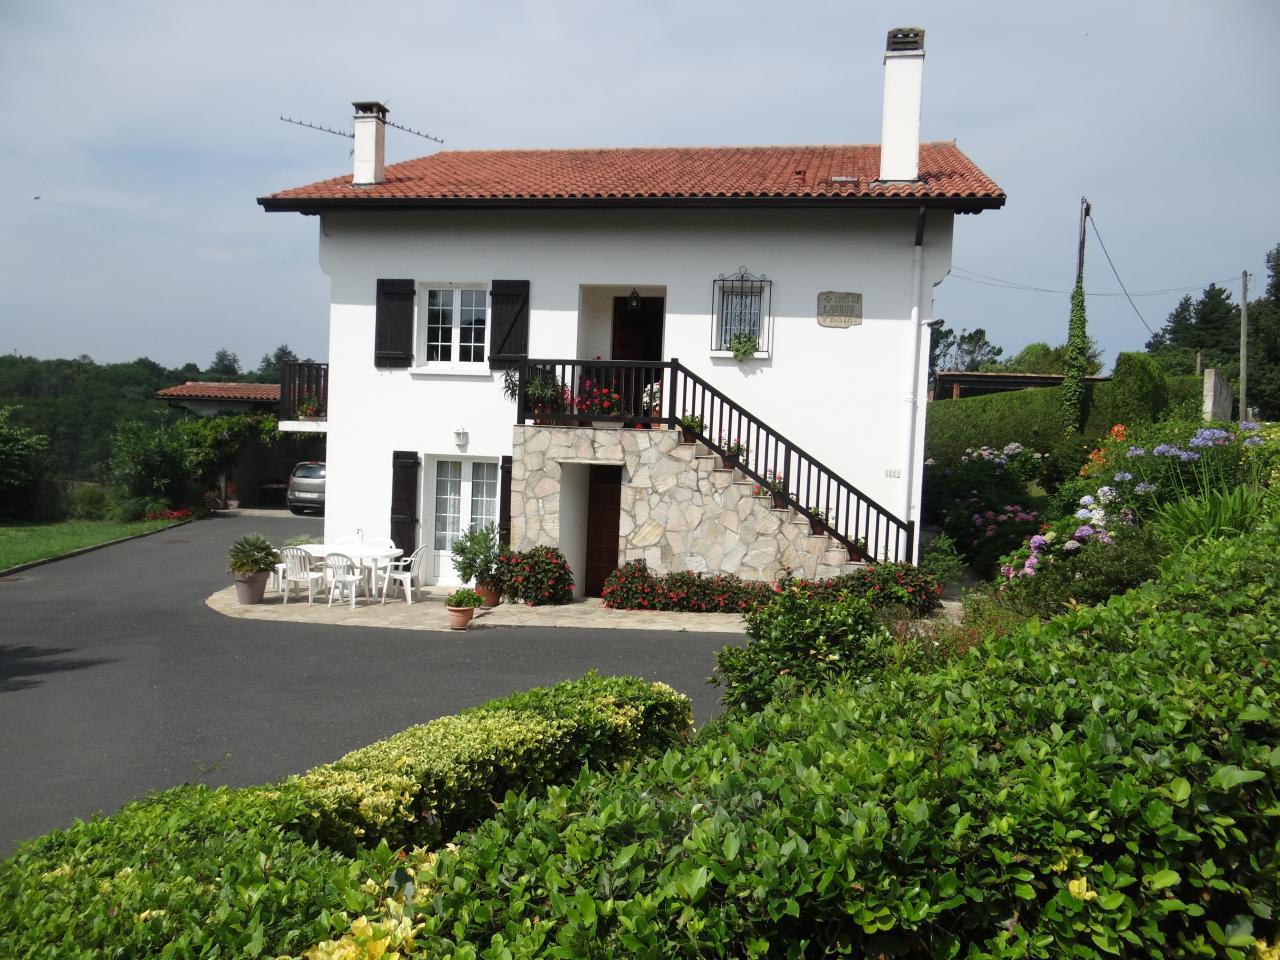 Location maison vacances pays basque espagnol ventana blog for Location maison pour vacances